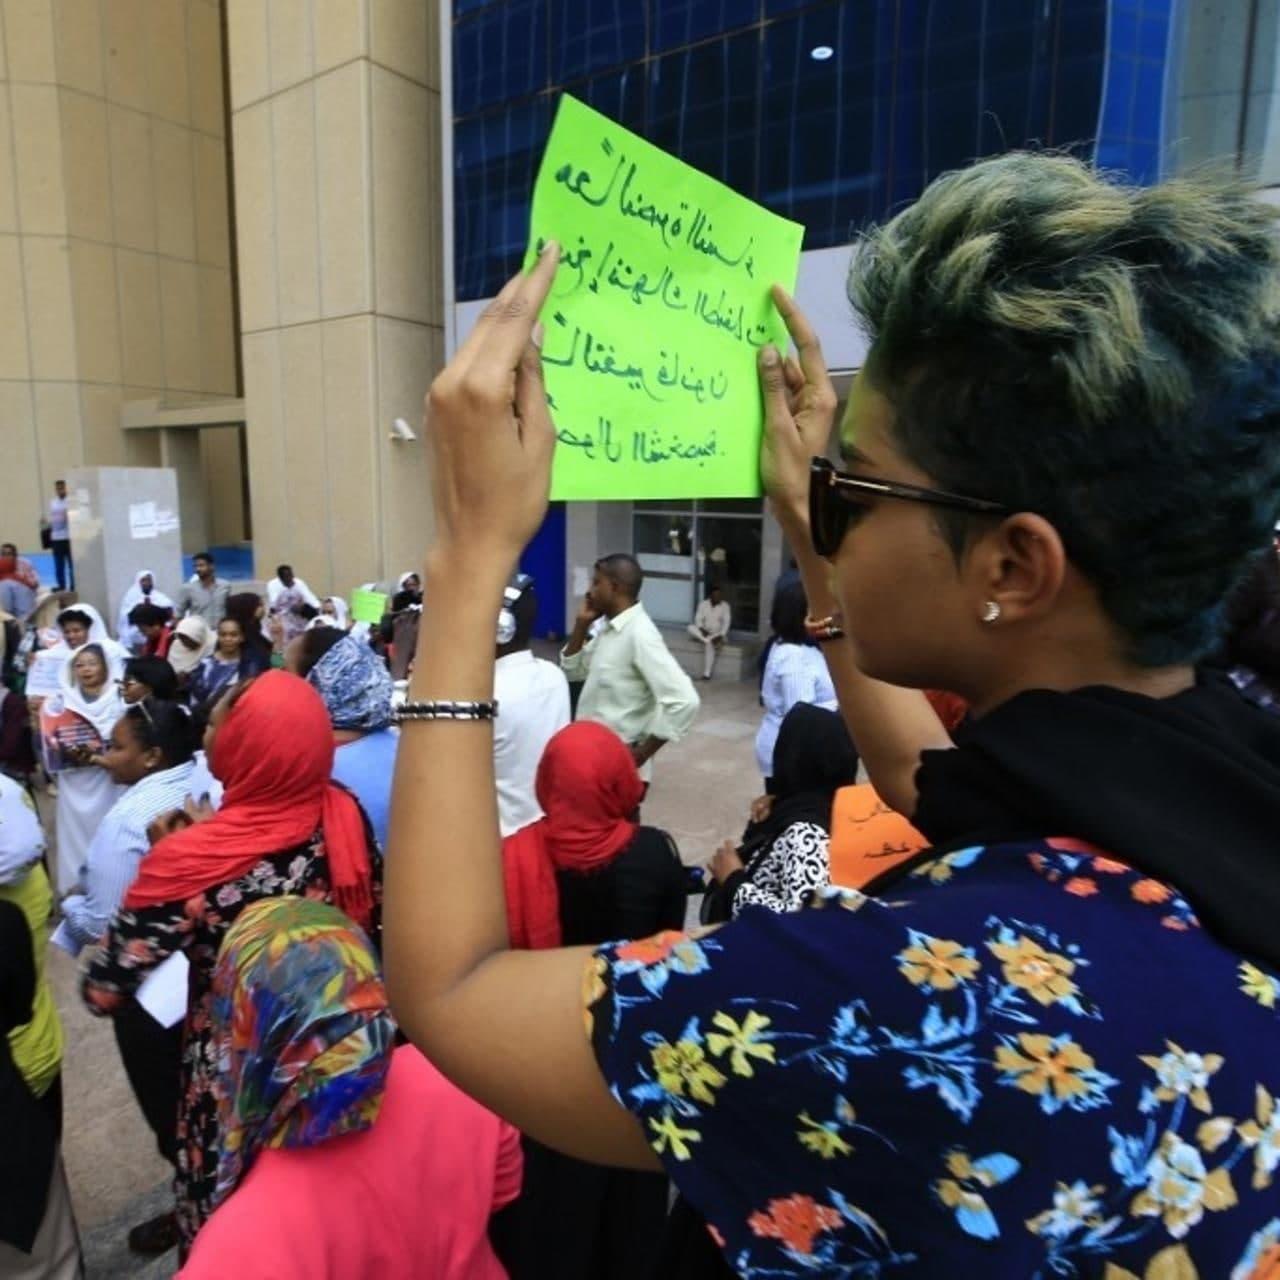 La colère des soudanais suite à un viol collectif d'une femme par 20 Hommes